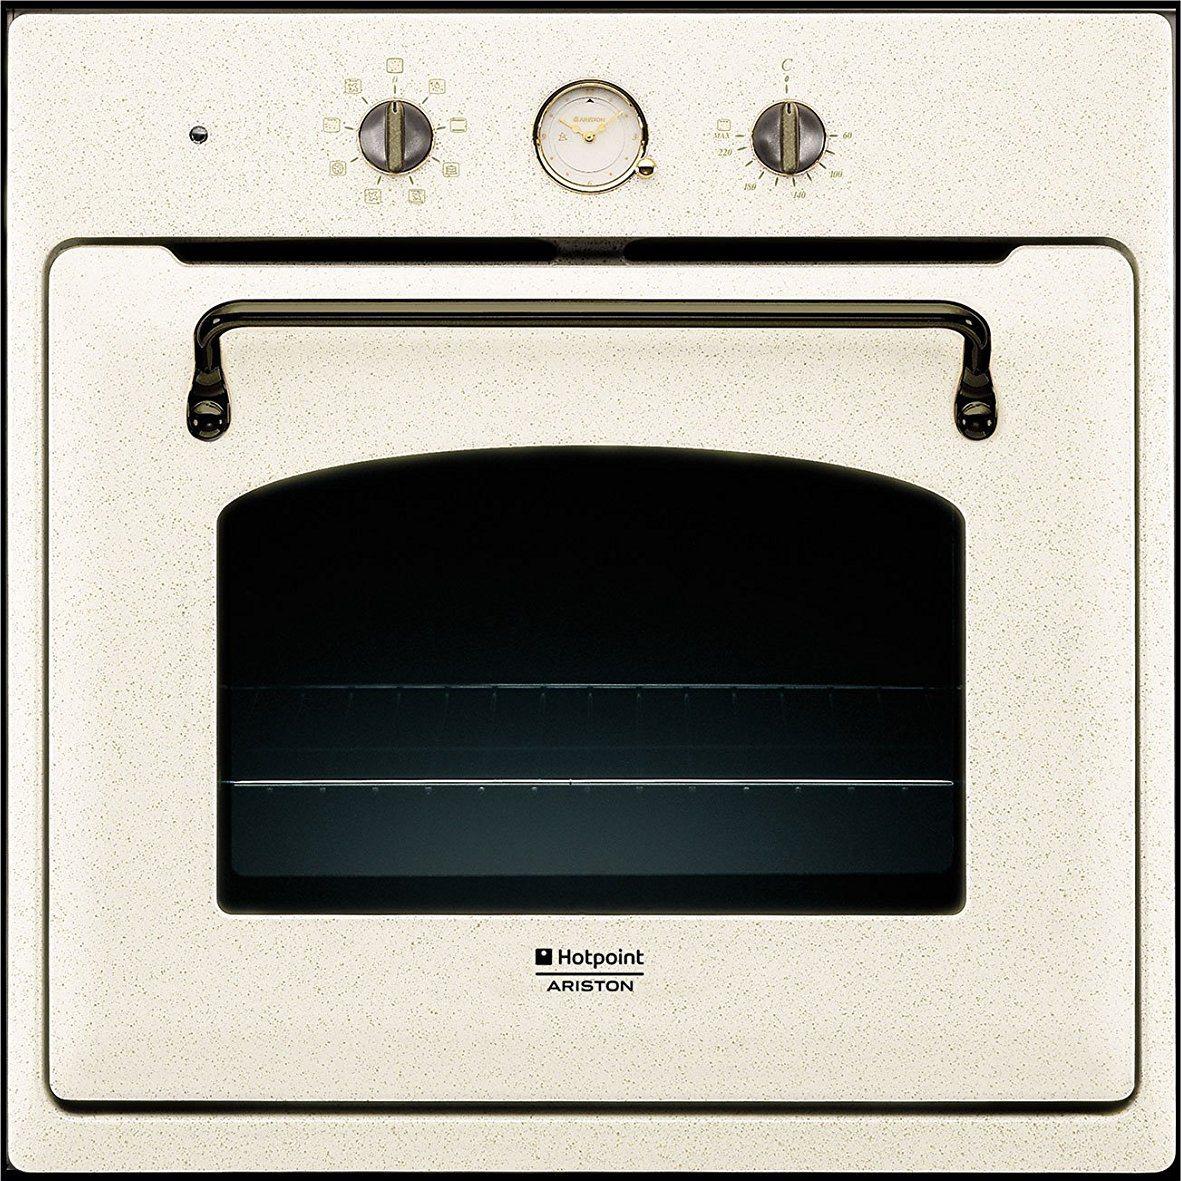 Forno ariston ft 850 1 os ha serie tradizione forno da incasso elettrico ventilato con grill - Forno elettrico ventilato da incasso prezzi ...